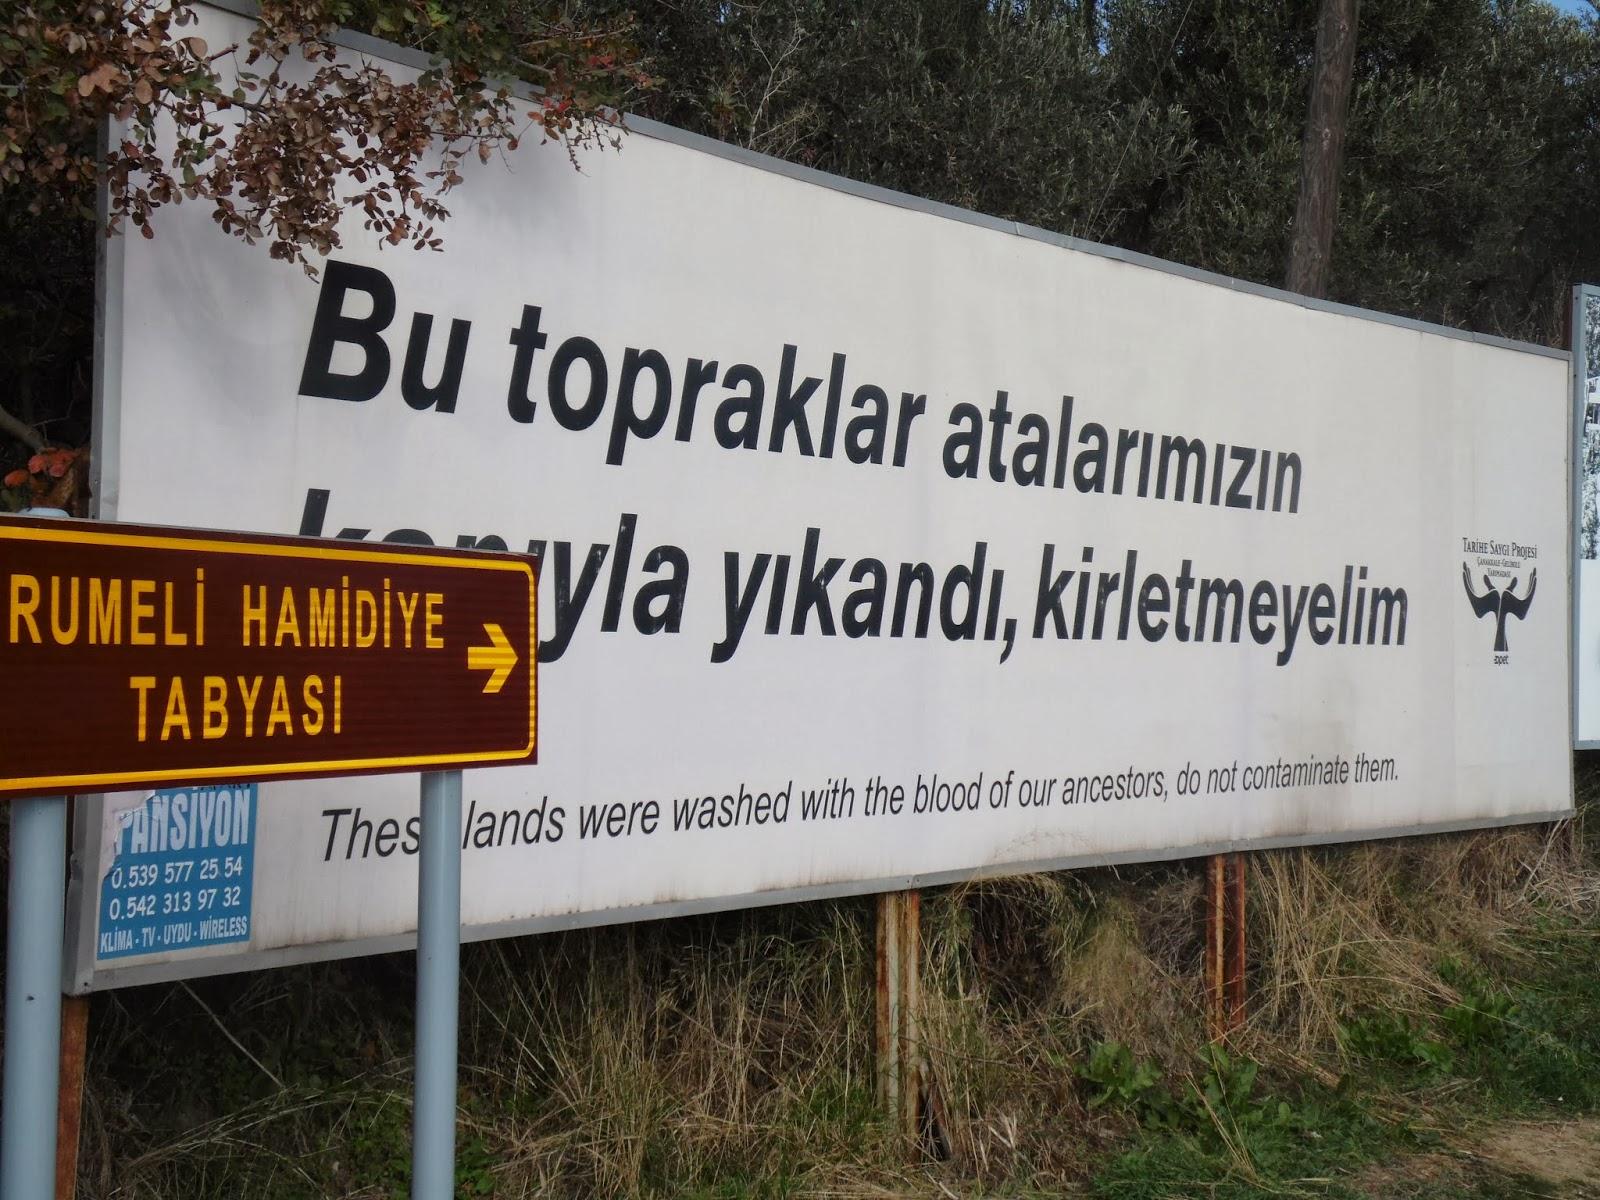 Rumeli Hamidiye Tabyasi